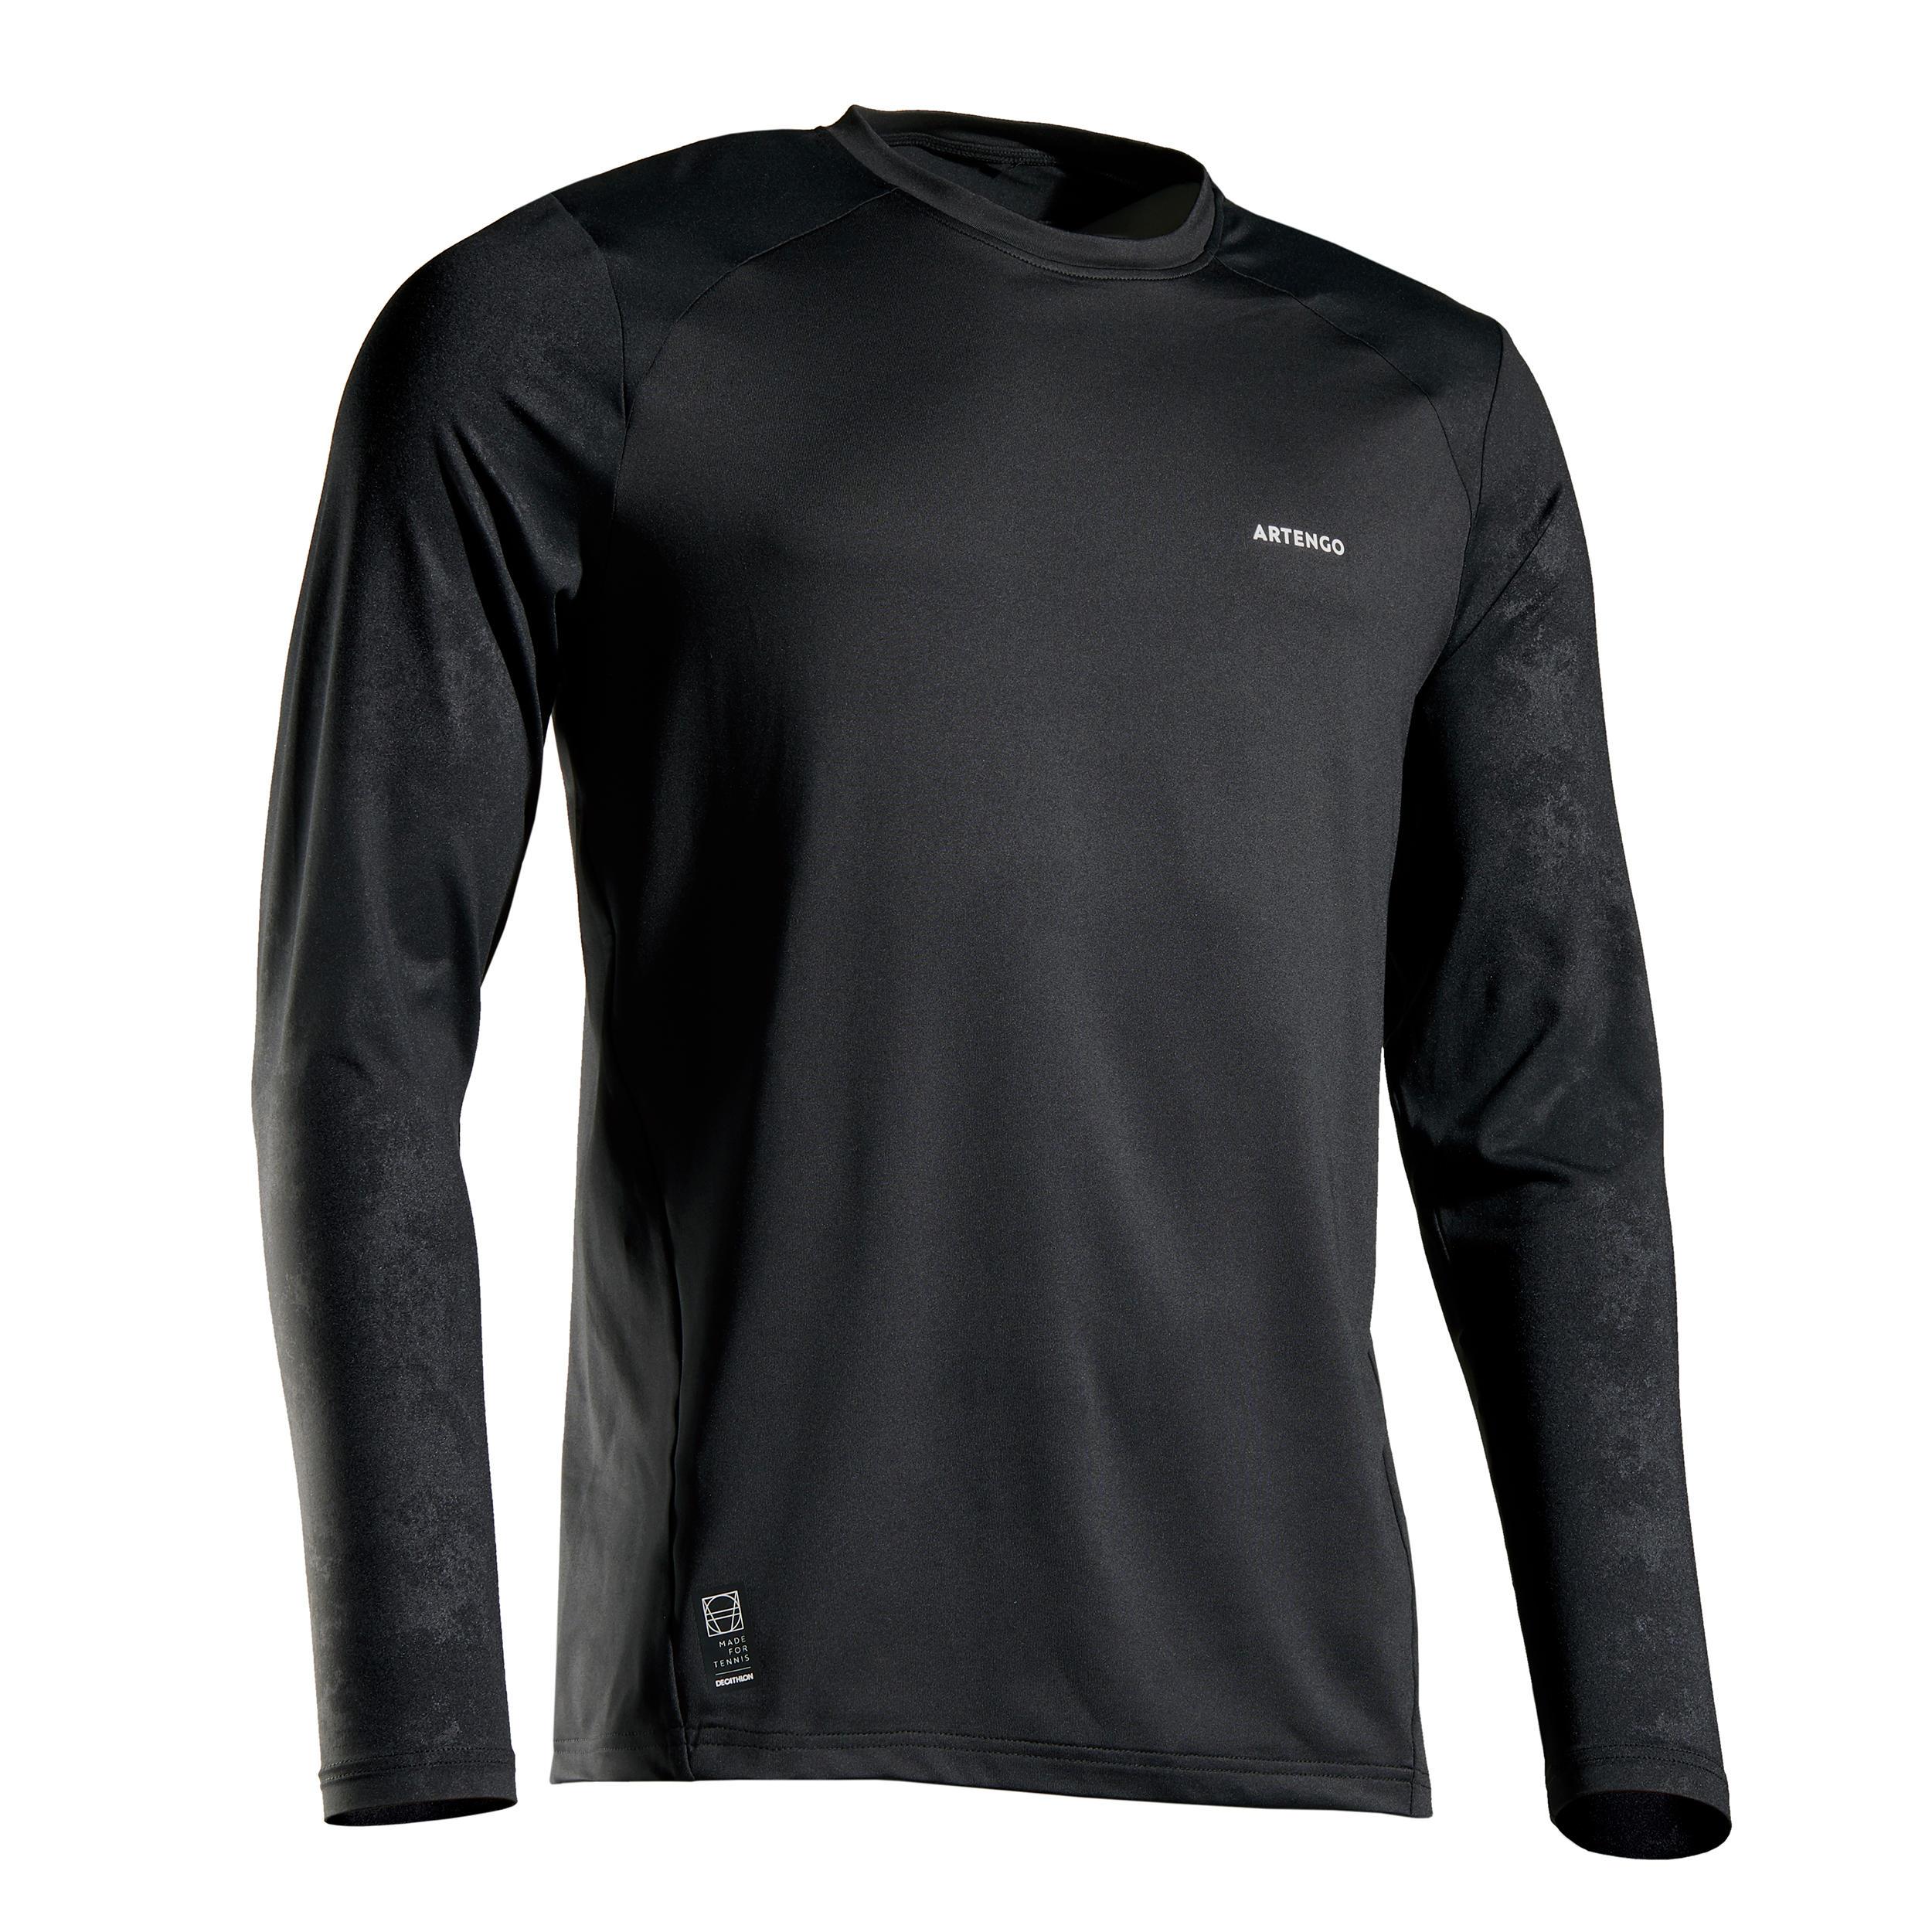 Tee shirt tts500 th noir artengo